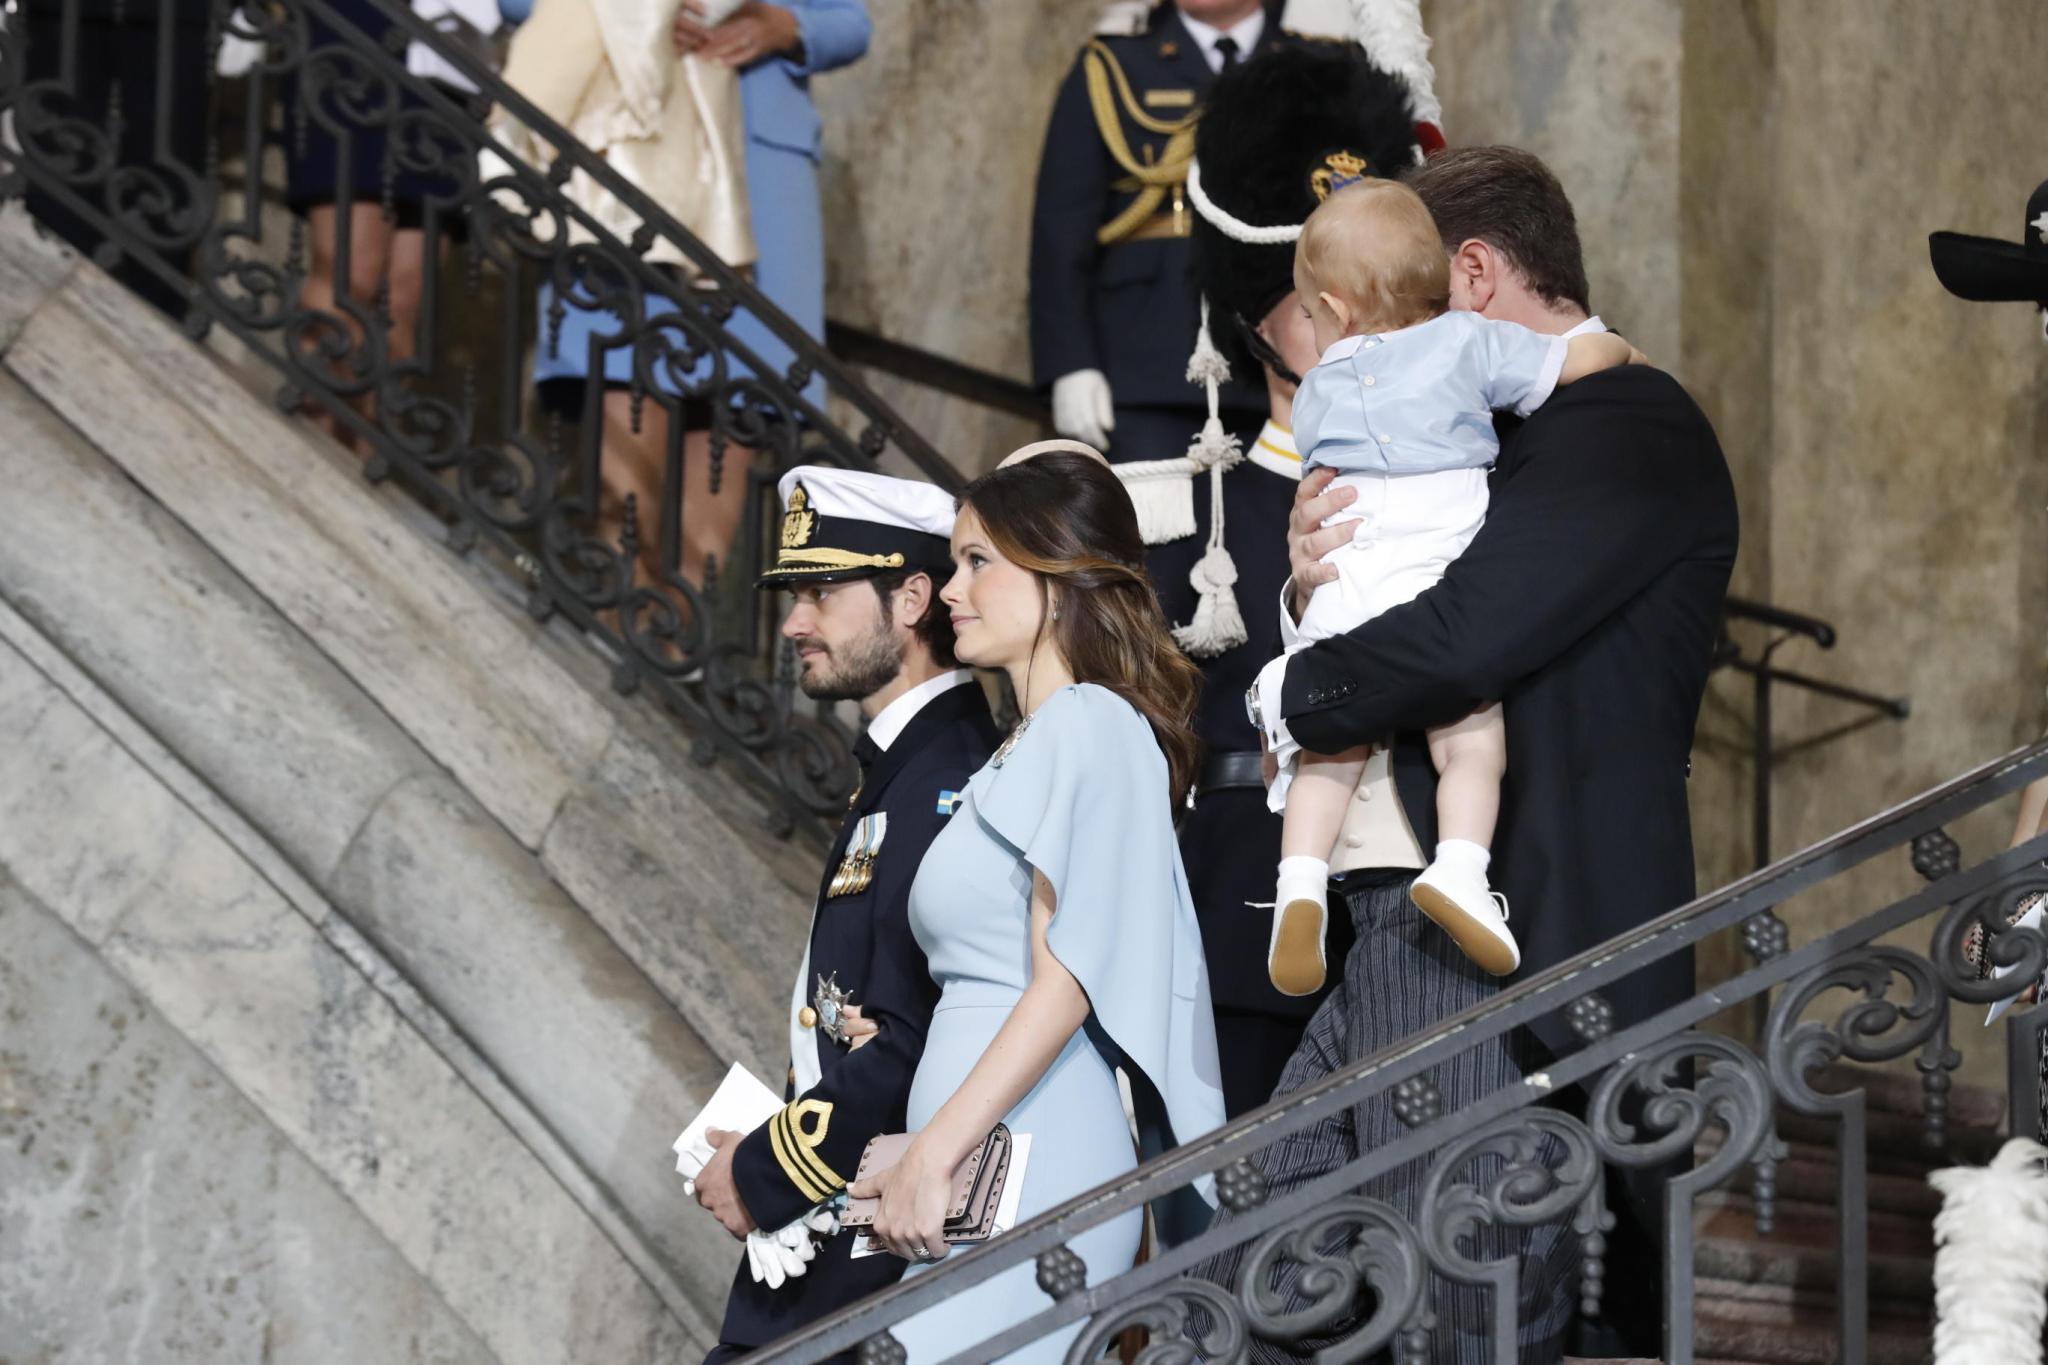 Nach und nach verlassen die Gäste, hier Prinz Carl Philip und Prinzessin Sofia, die Kirche über die große Treppe.